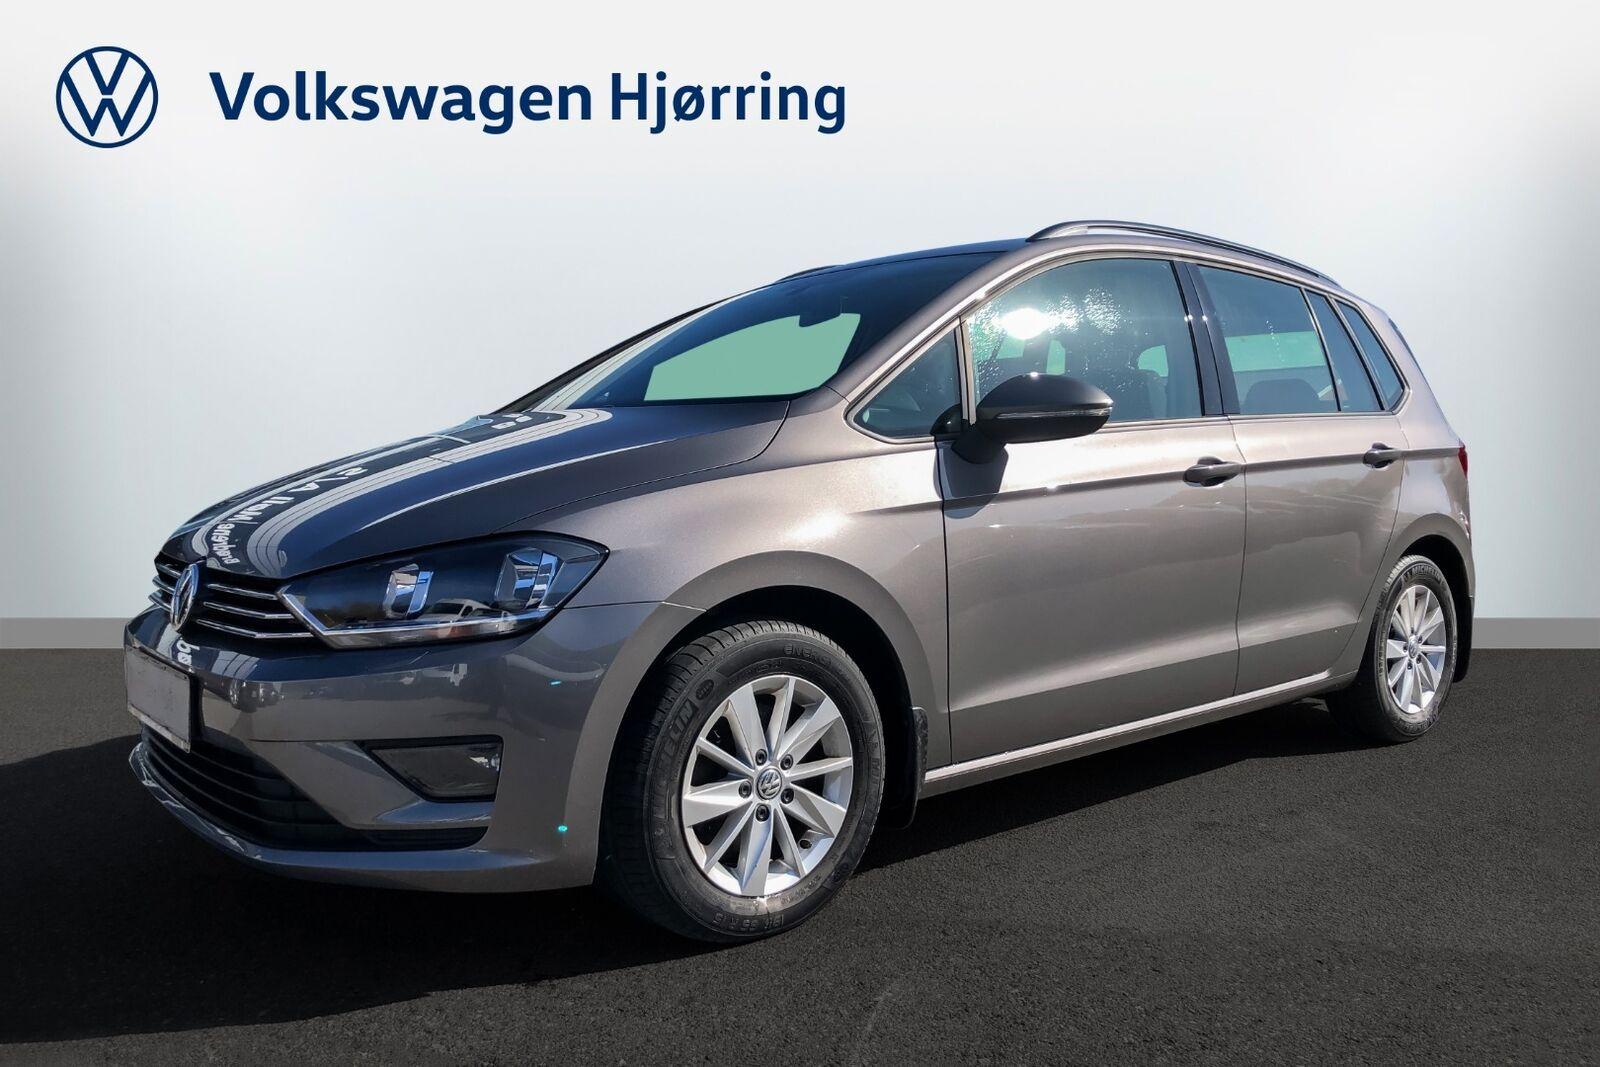 VW Golf Sportsvan 1,4 TSi 125 Comfortline DSG BMT 5d - 230.000 kr.